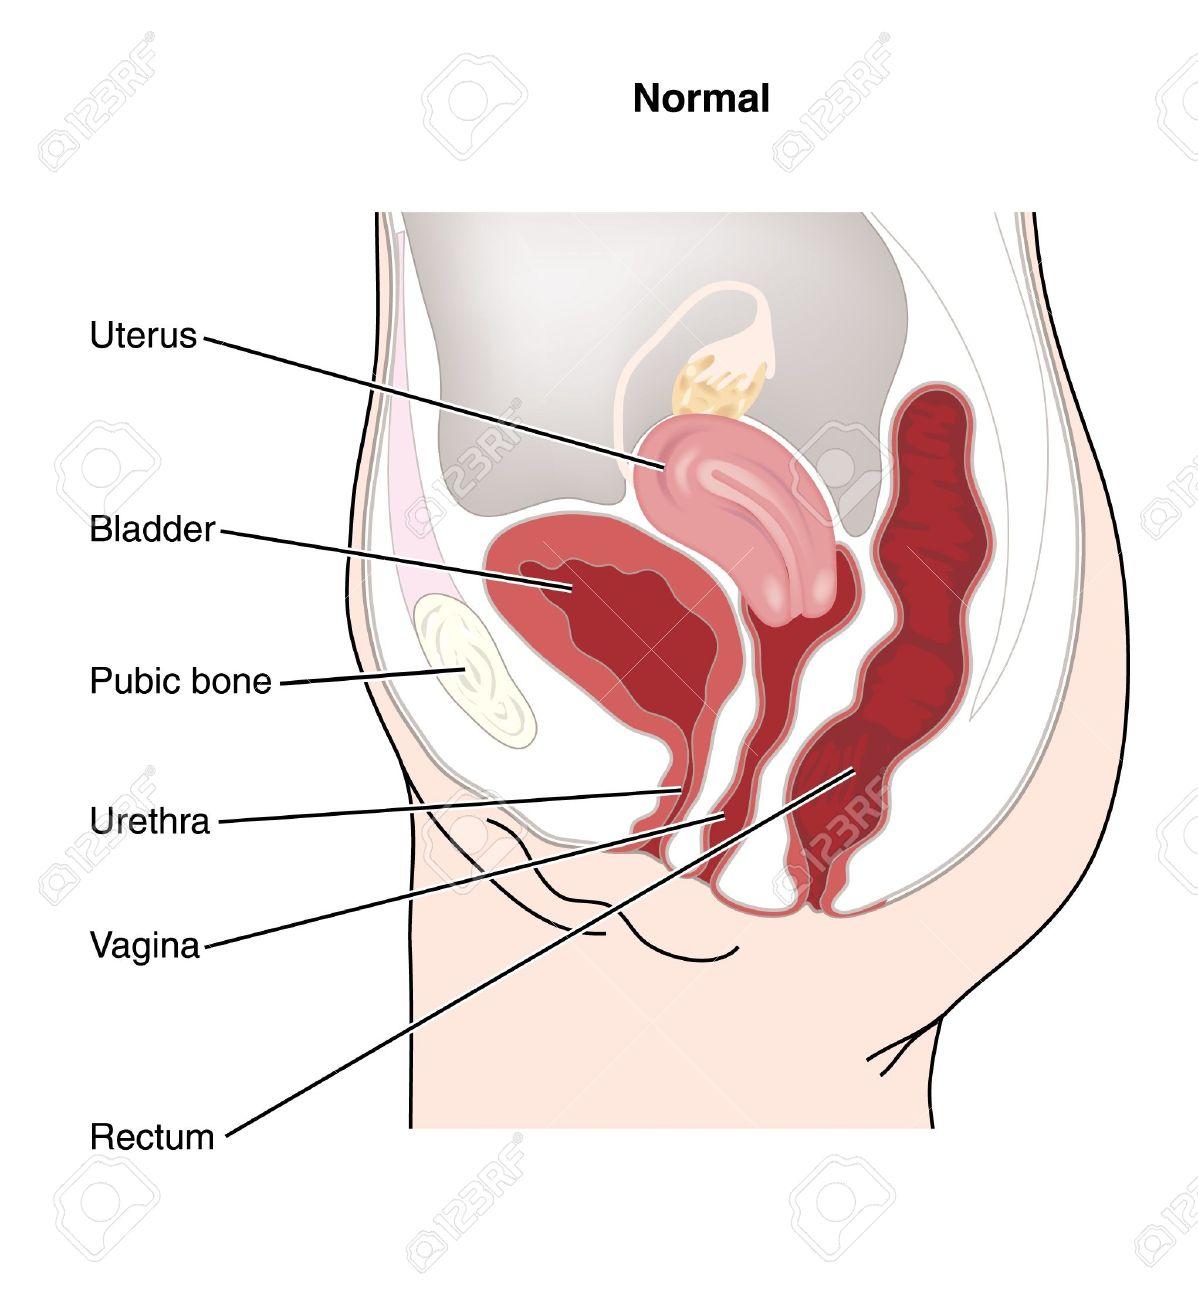 女性の生殖器と女性の生殖器官と...